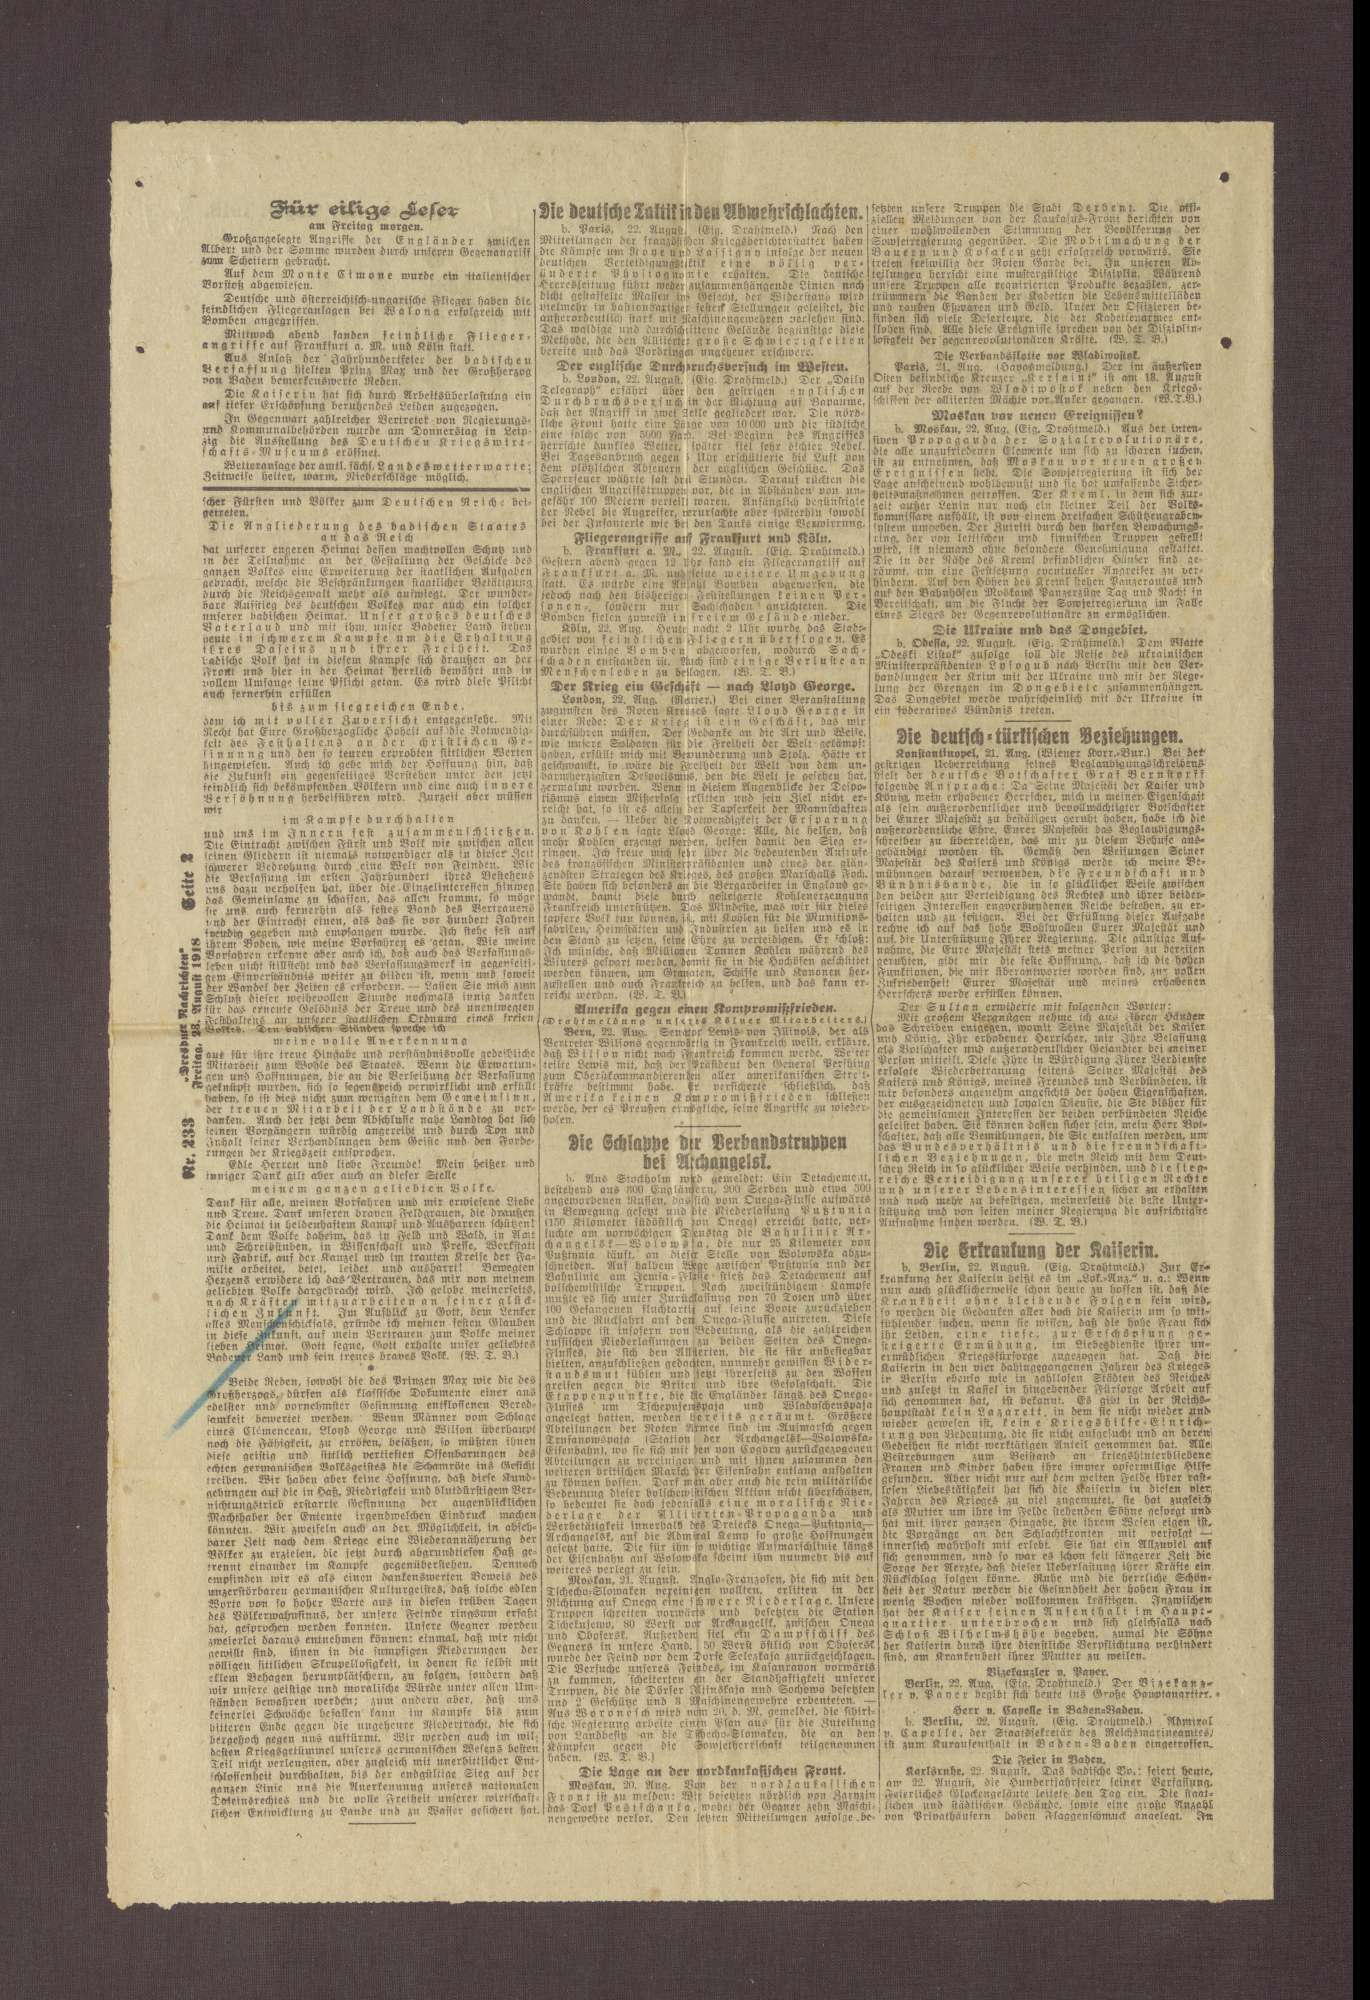 """Artikel in den Dresdner Nachrichten: """"Prinz Max und der Großherzog von Baden zur Verfassungsfeier"""", Bild 2"""